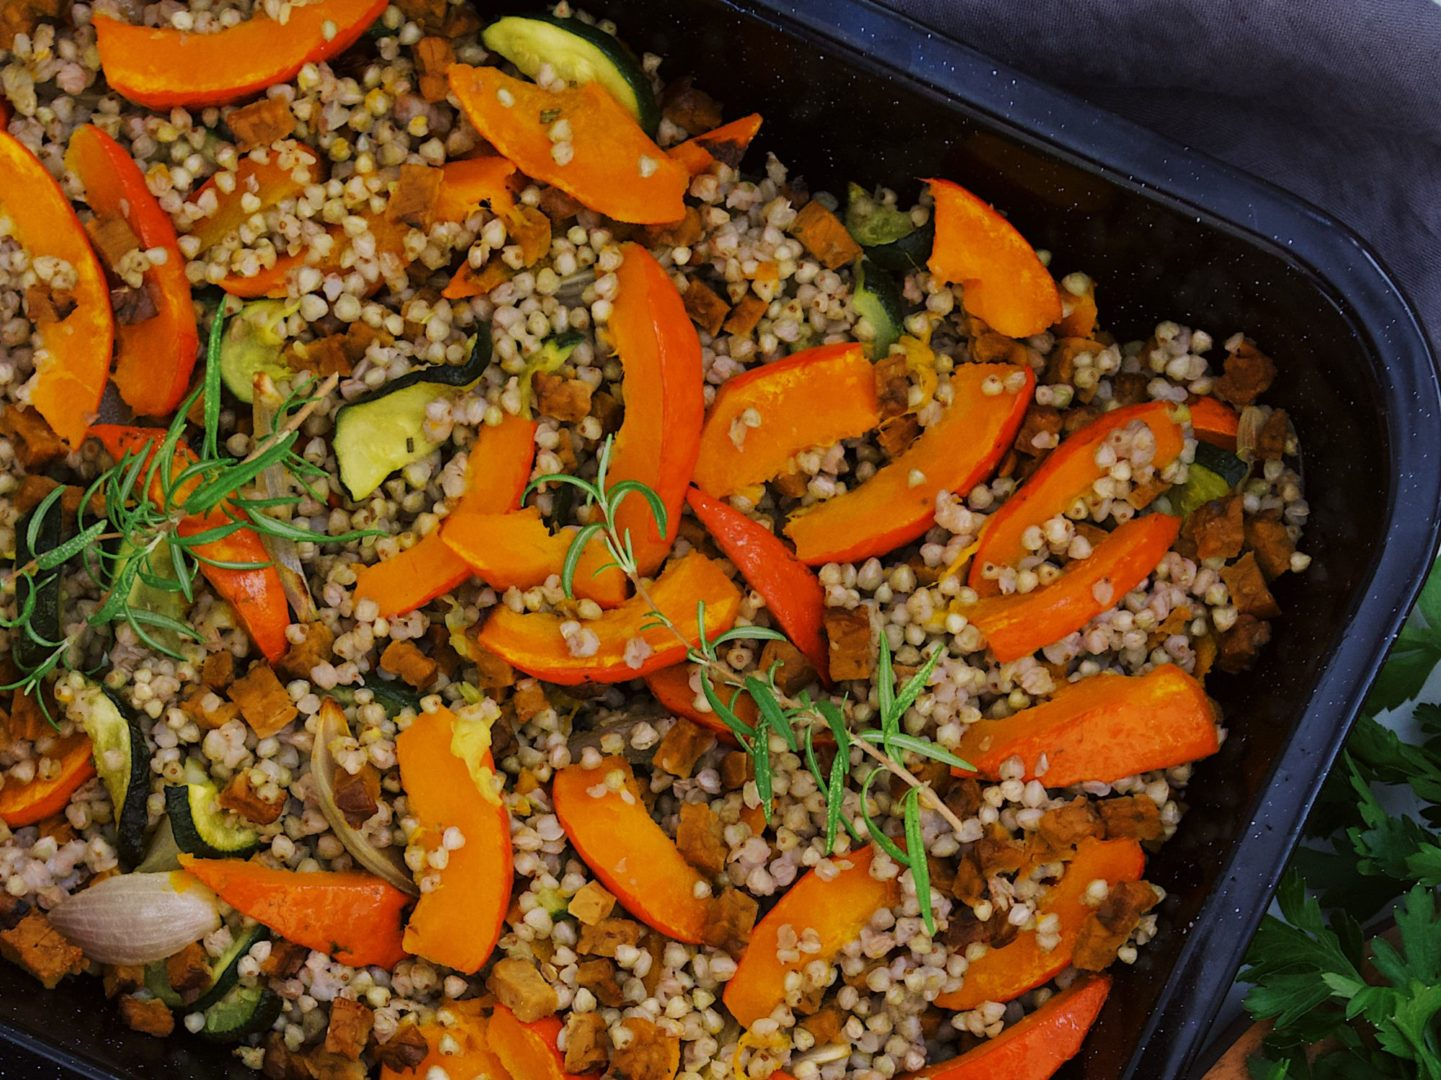 Ideálne jedlo na studené dni z pečenej zeleniny a pohánky